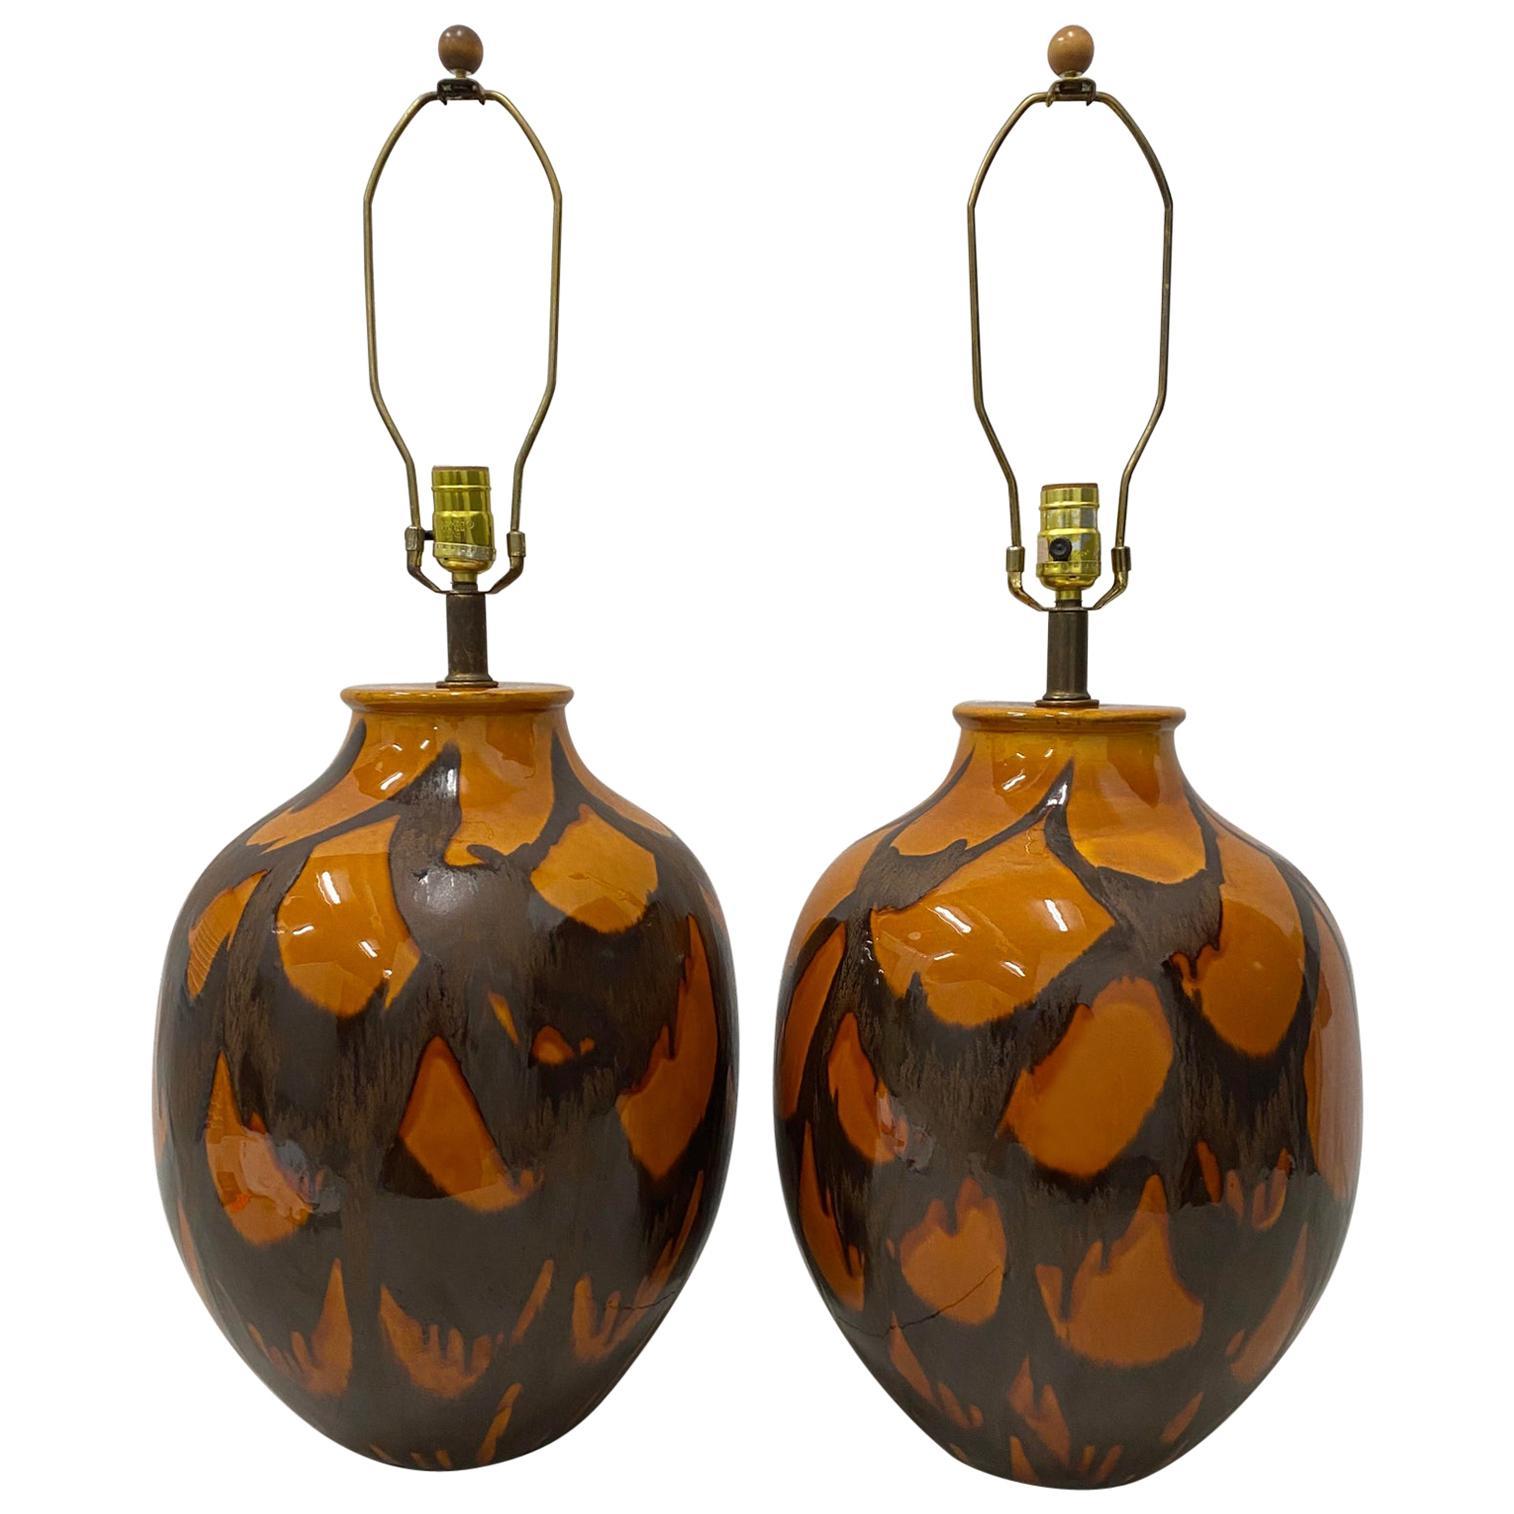 Pair of Midcentury Glazed Ceramic Lamps, circa 1970s